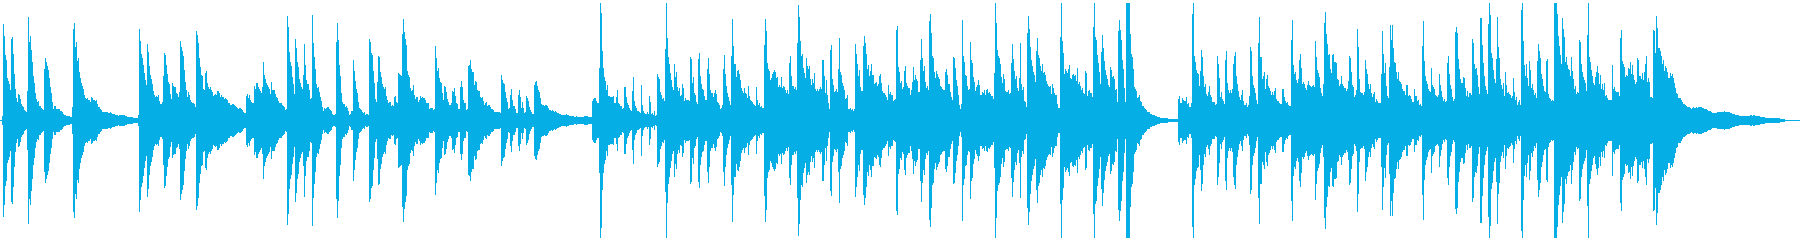 ピアノ、ピチカートのさわやかBGMの再生済みの波形